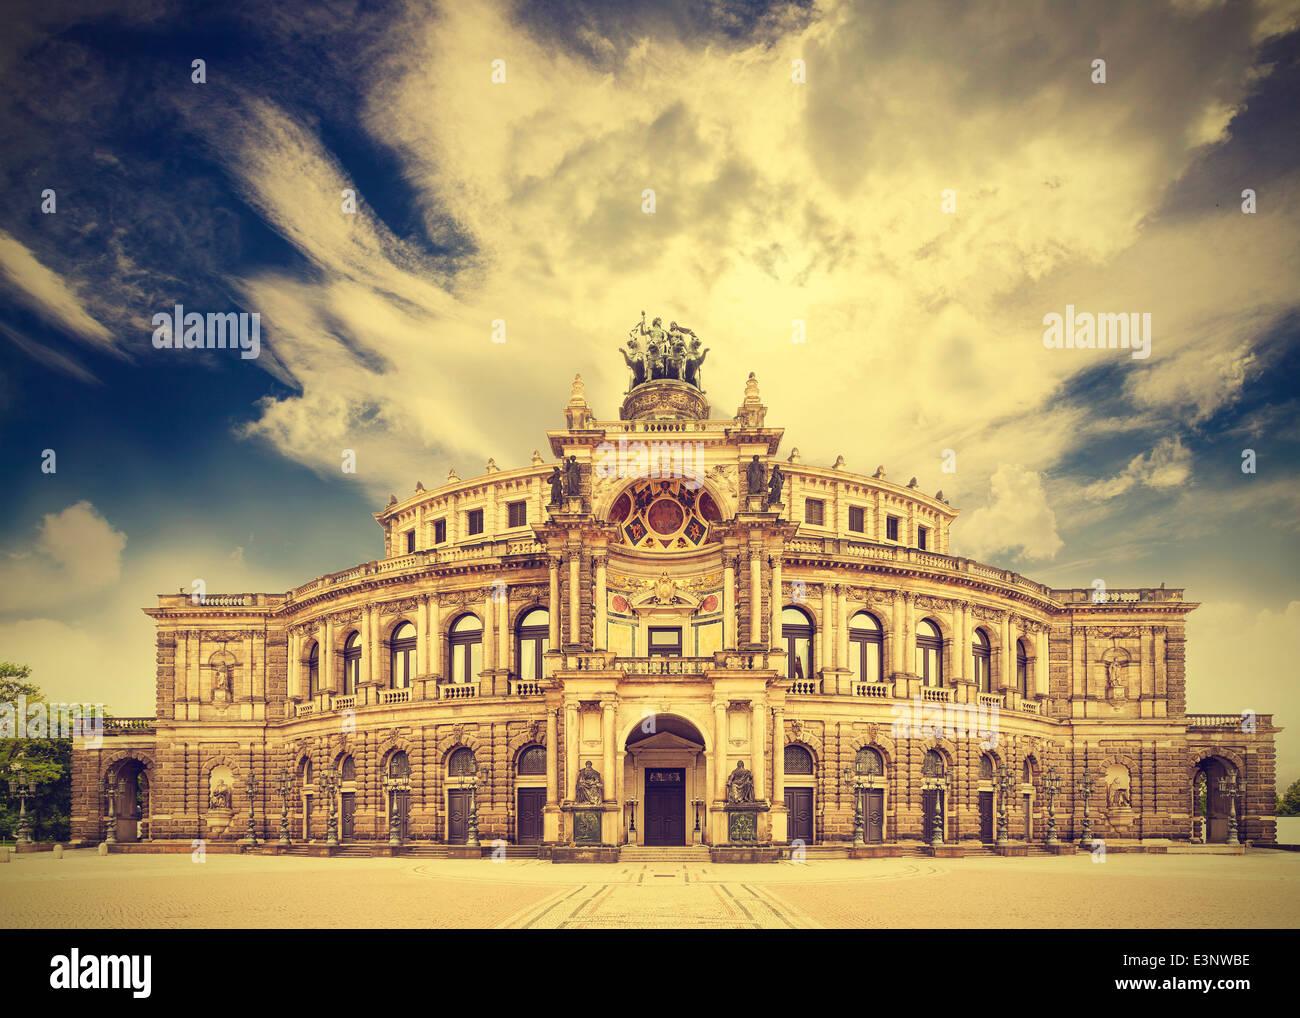 Dresdner Oper Theater, Deutschland, Retro-Vintage-Effekt. Stockbild